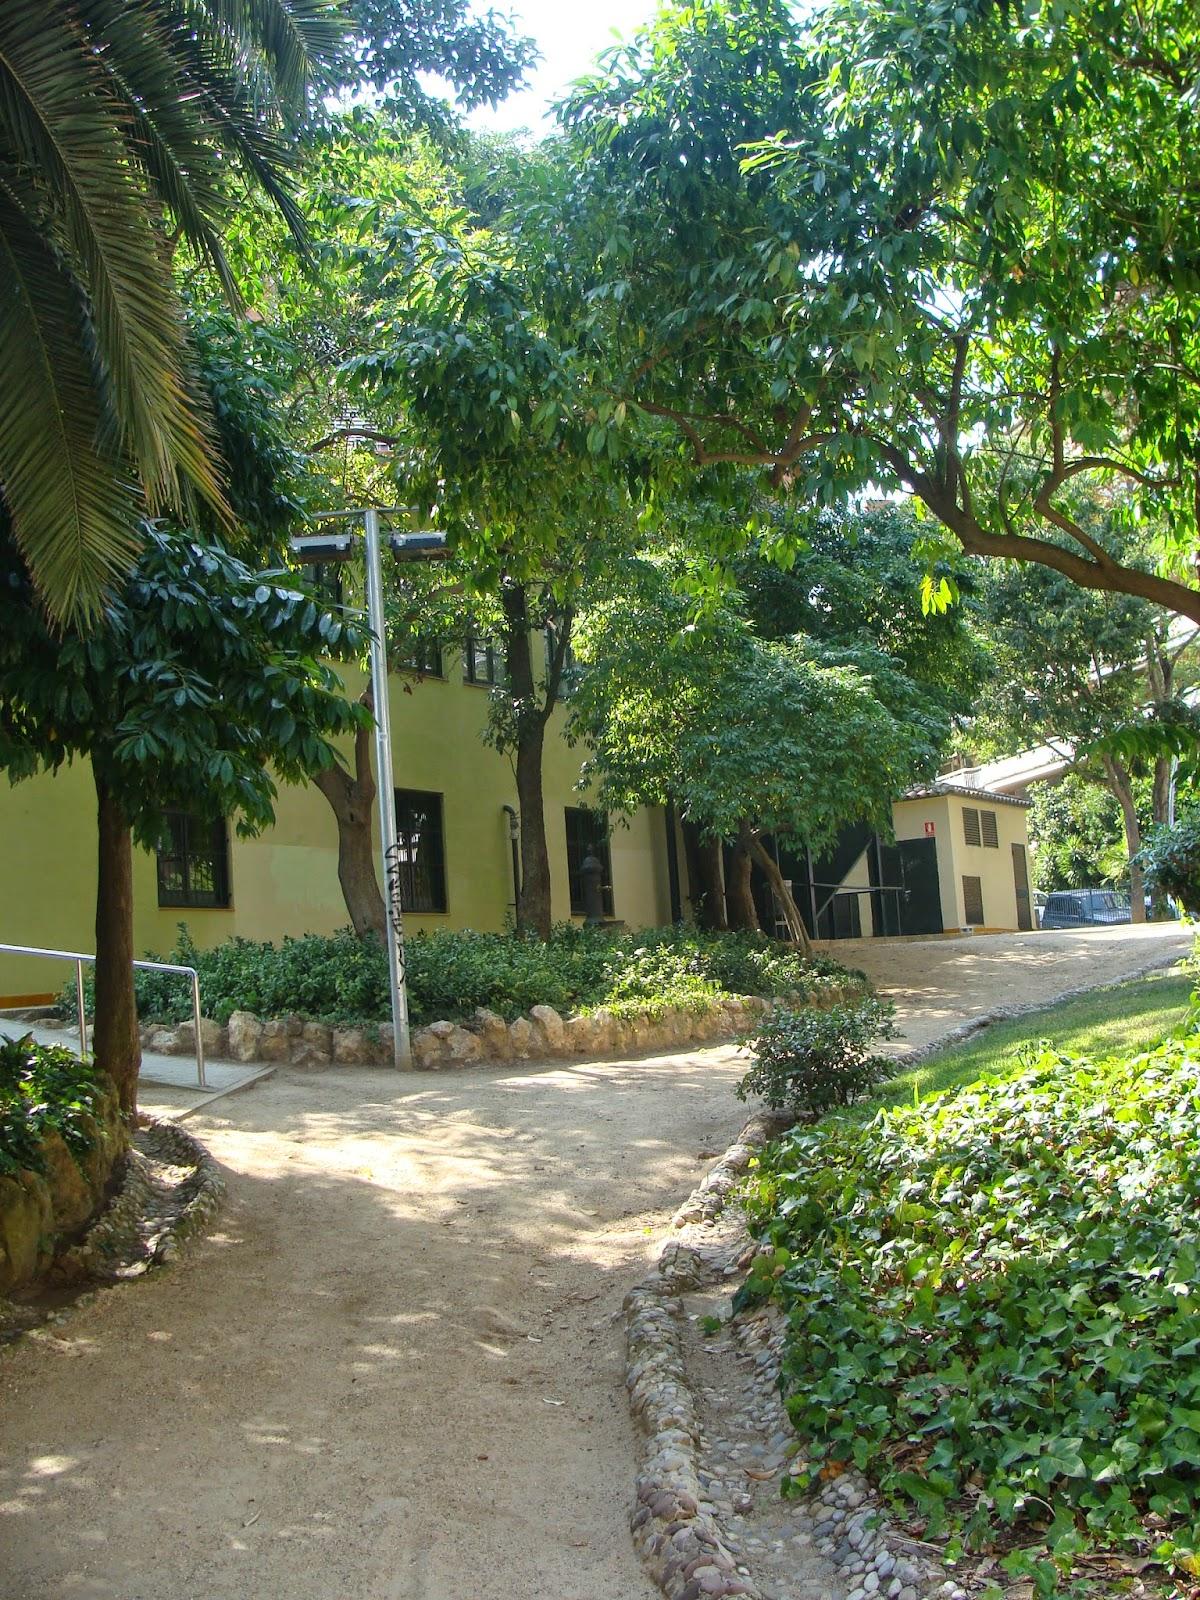 El rincon de un jardin rincones con encanto jardines de can castell - Rincones de jardines con encanto ...